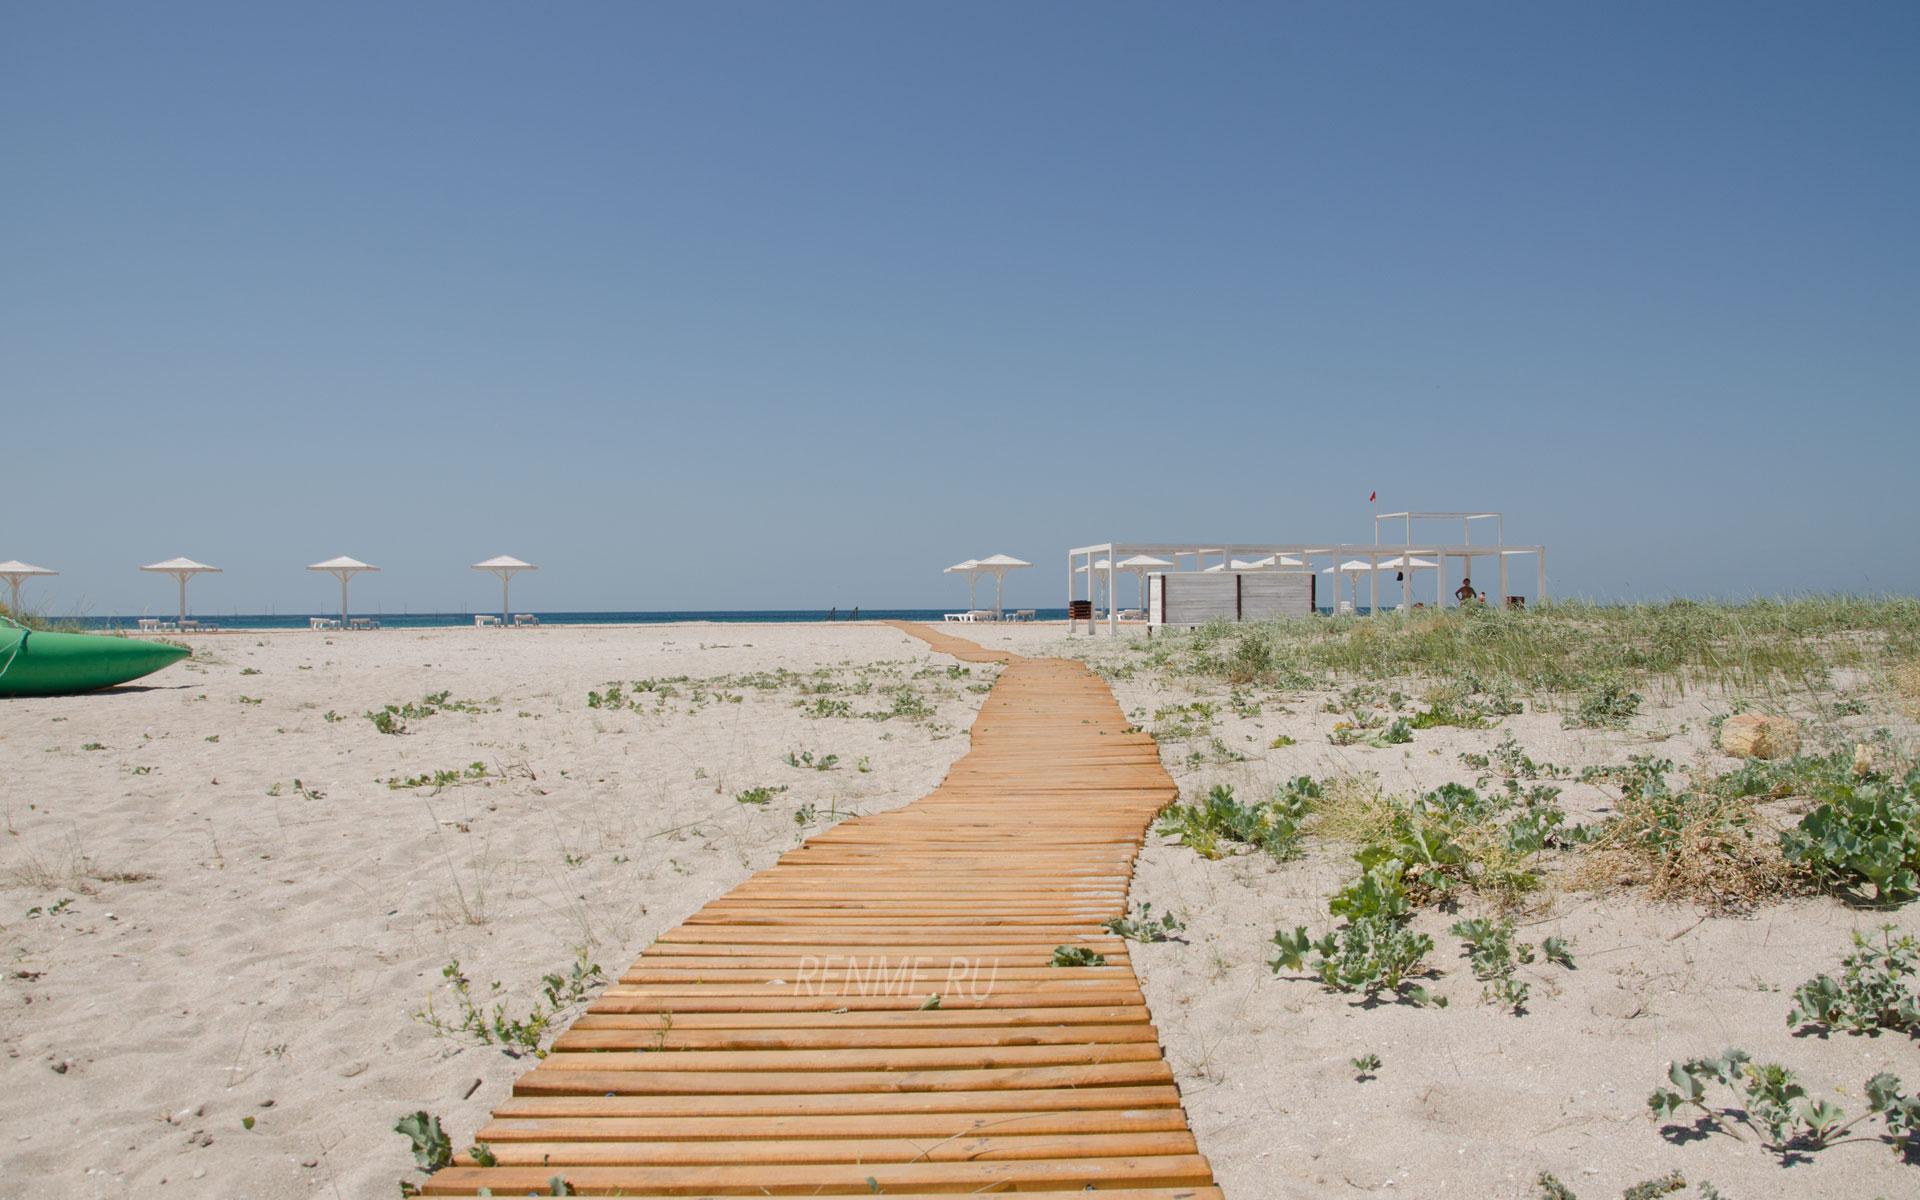 Дорожка на пляже. Фото Оленевки